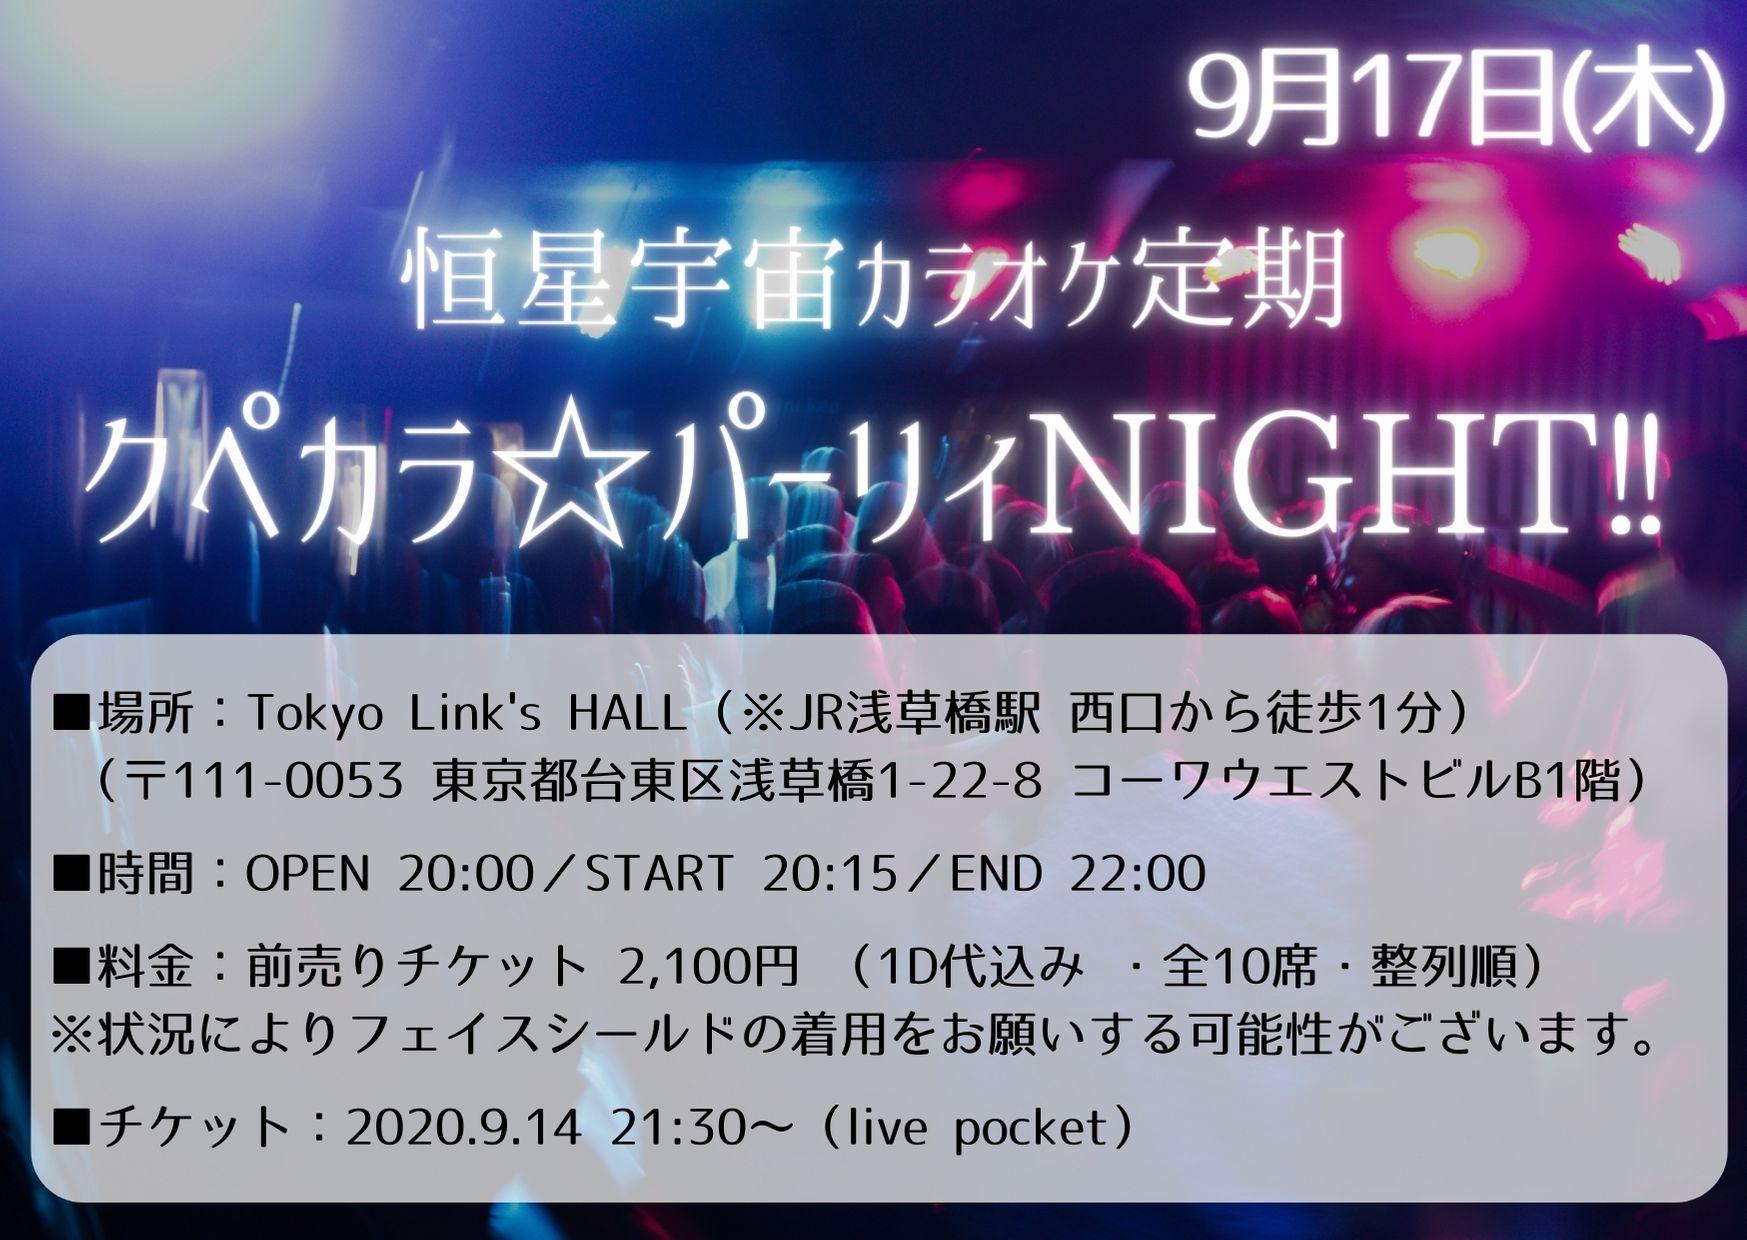 9月17日(木)恒星宇宙カラオケ定期『クペカラ☆パーリィNIGHT‼︎』